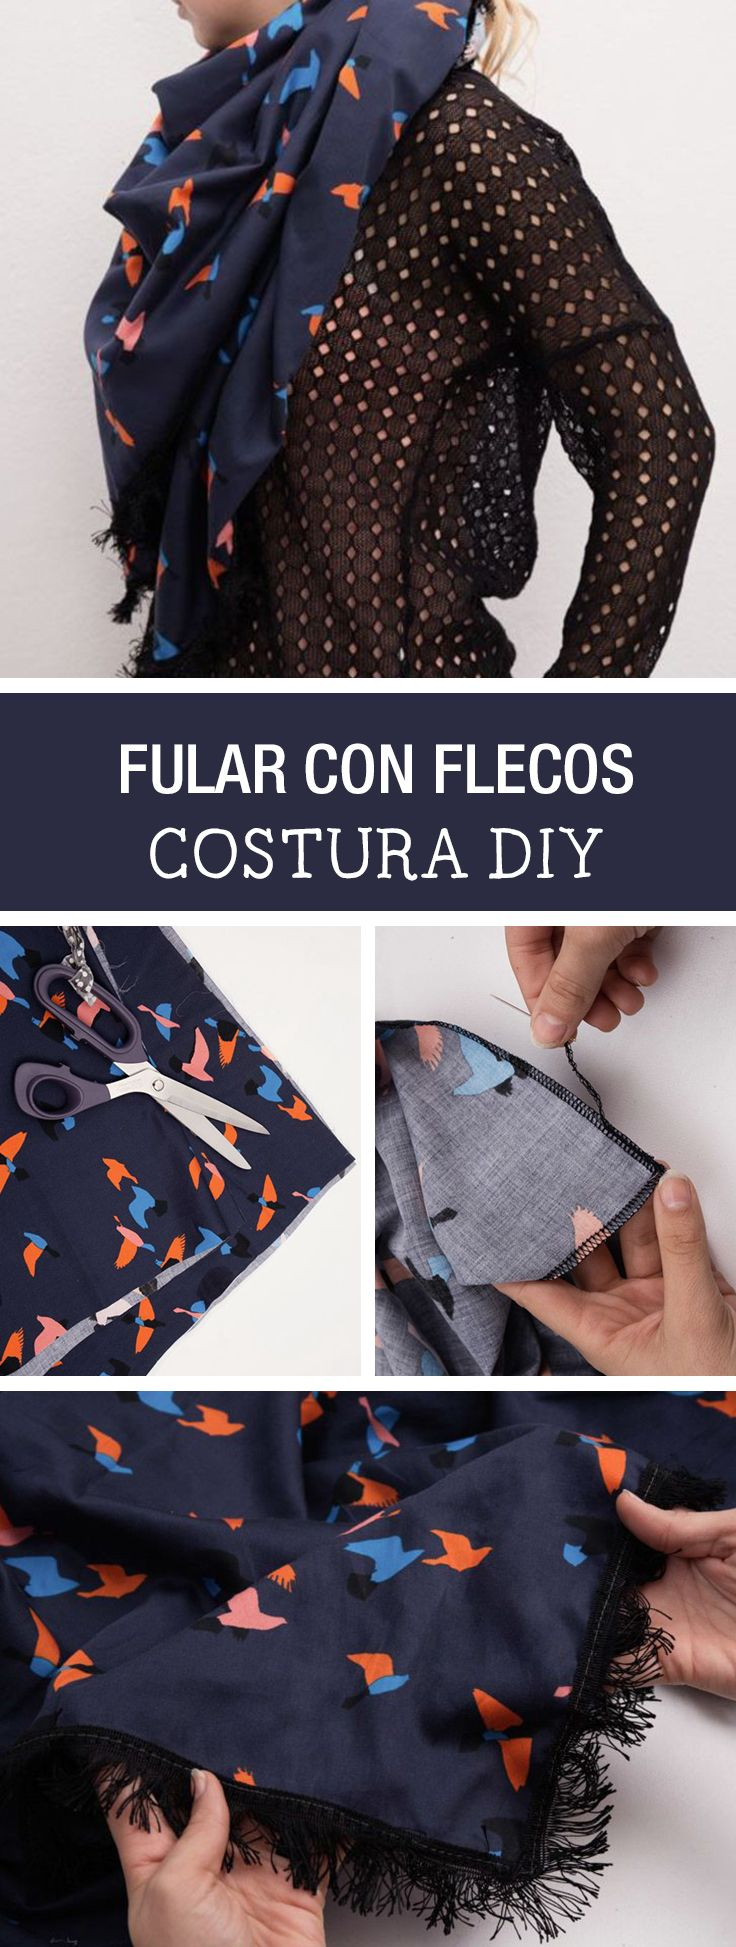 Tutorial DIY - CÓMO HACER UN FULAR GRANDE CON FLECOS EN 10 MINUTOS en DaWanda.es